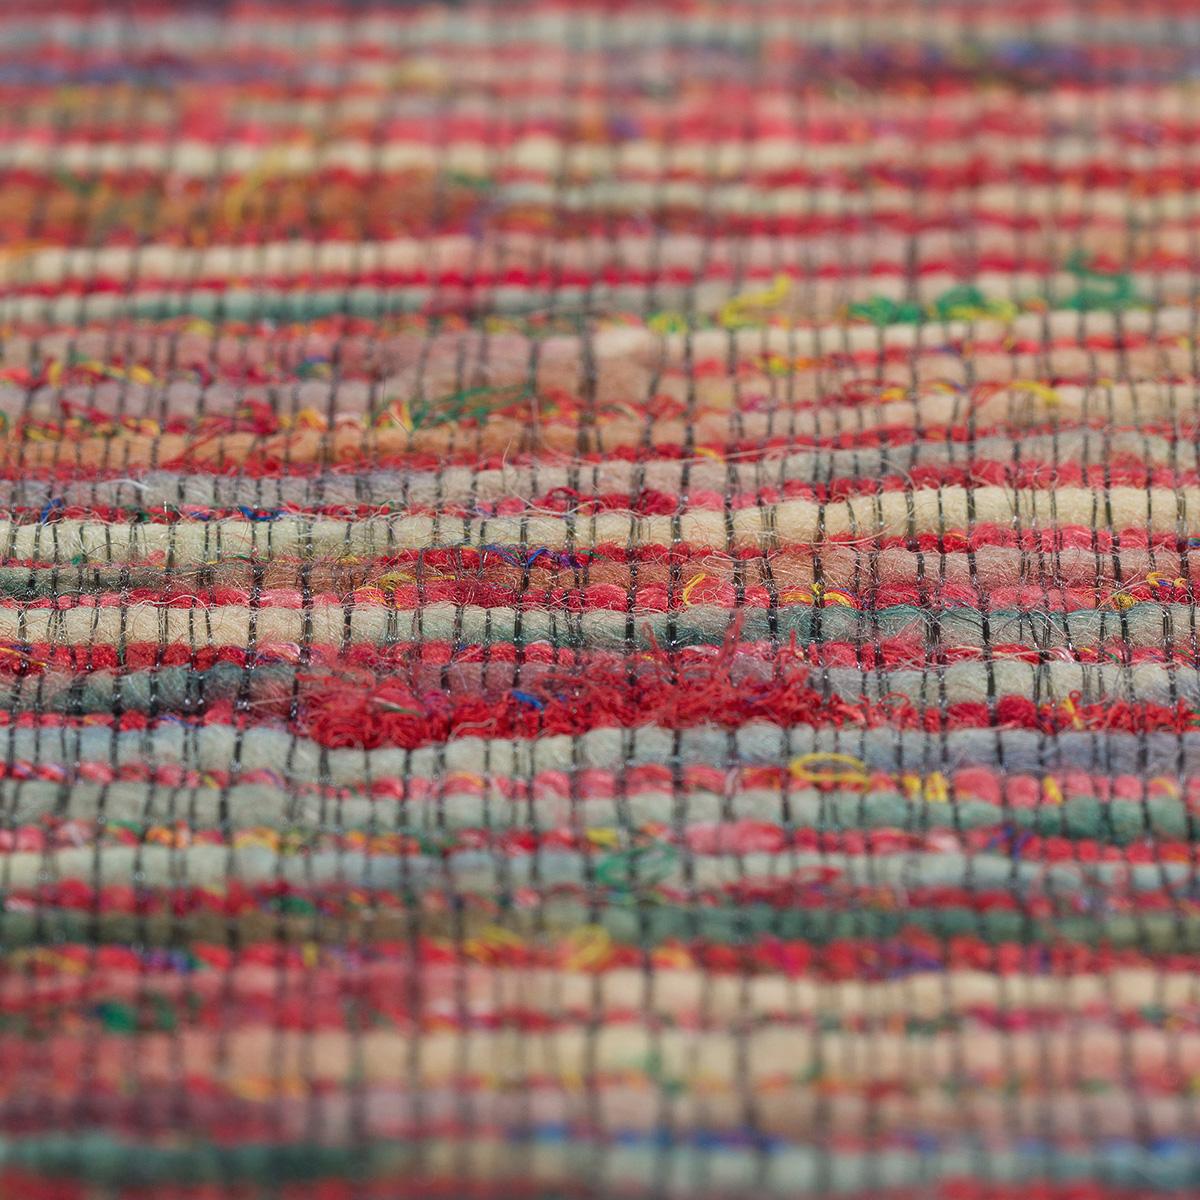 Vloerkleed Brinker Roskilde Red Multi   160 x 230 cm